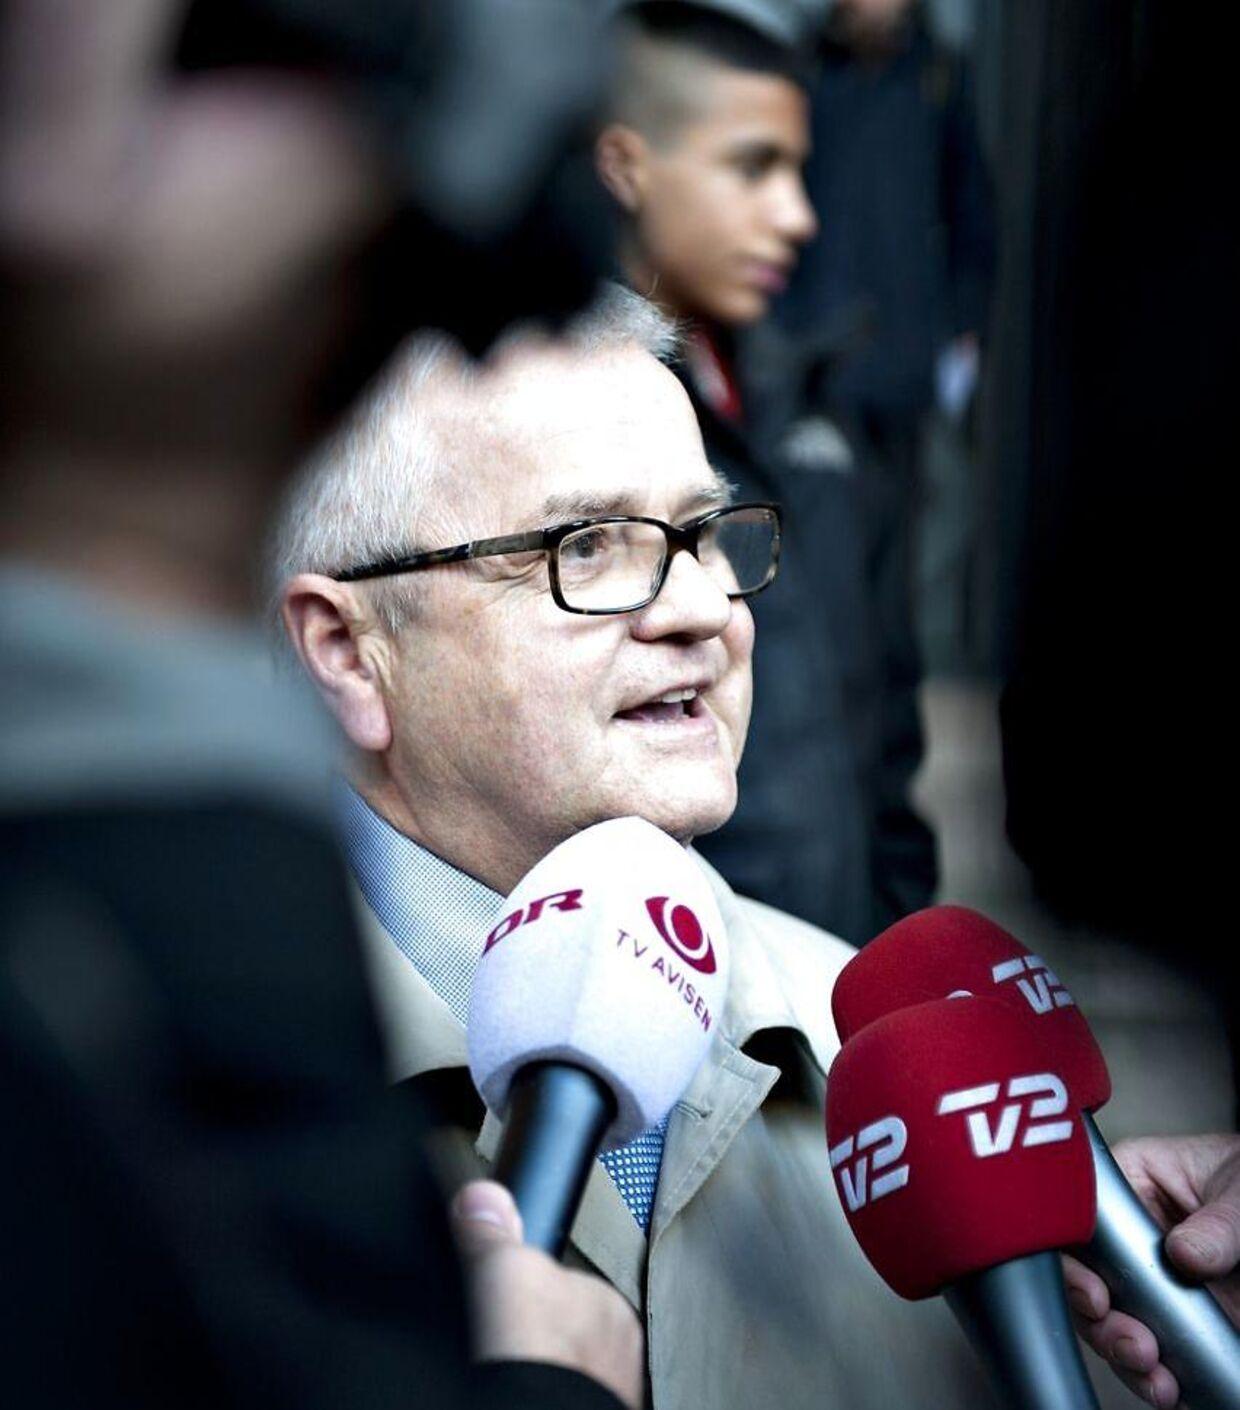 Advokat Anders Hvass var forsvarer for spindoktor Jacob Winther i forbindelse med lækagesagen. Her foran byretten 21. oktober 2010.